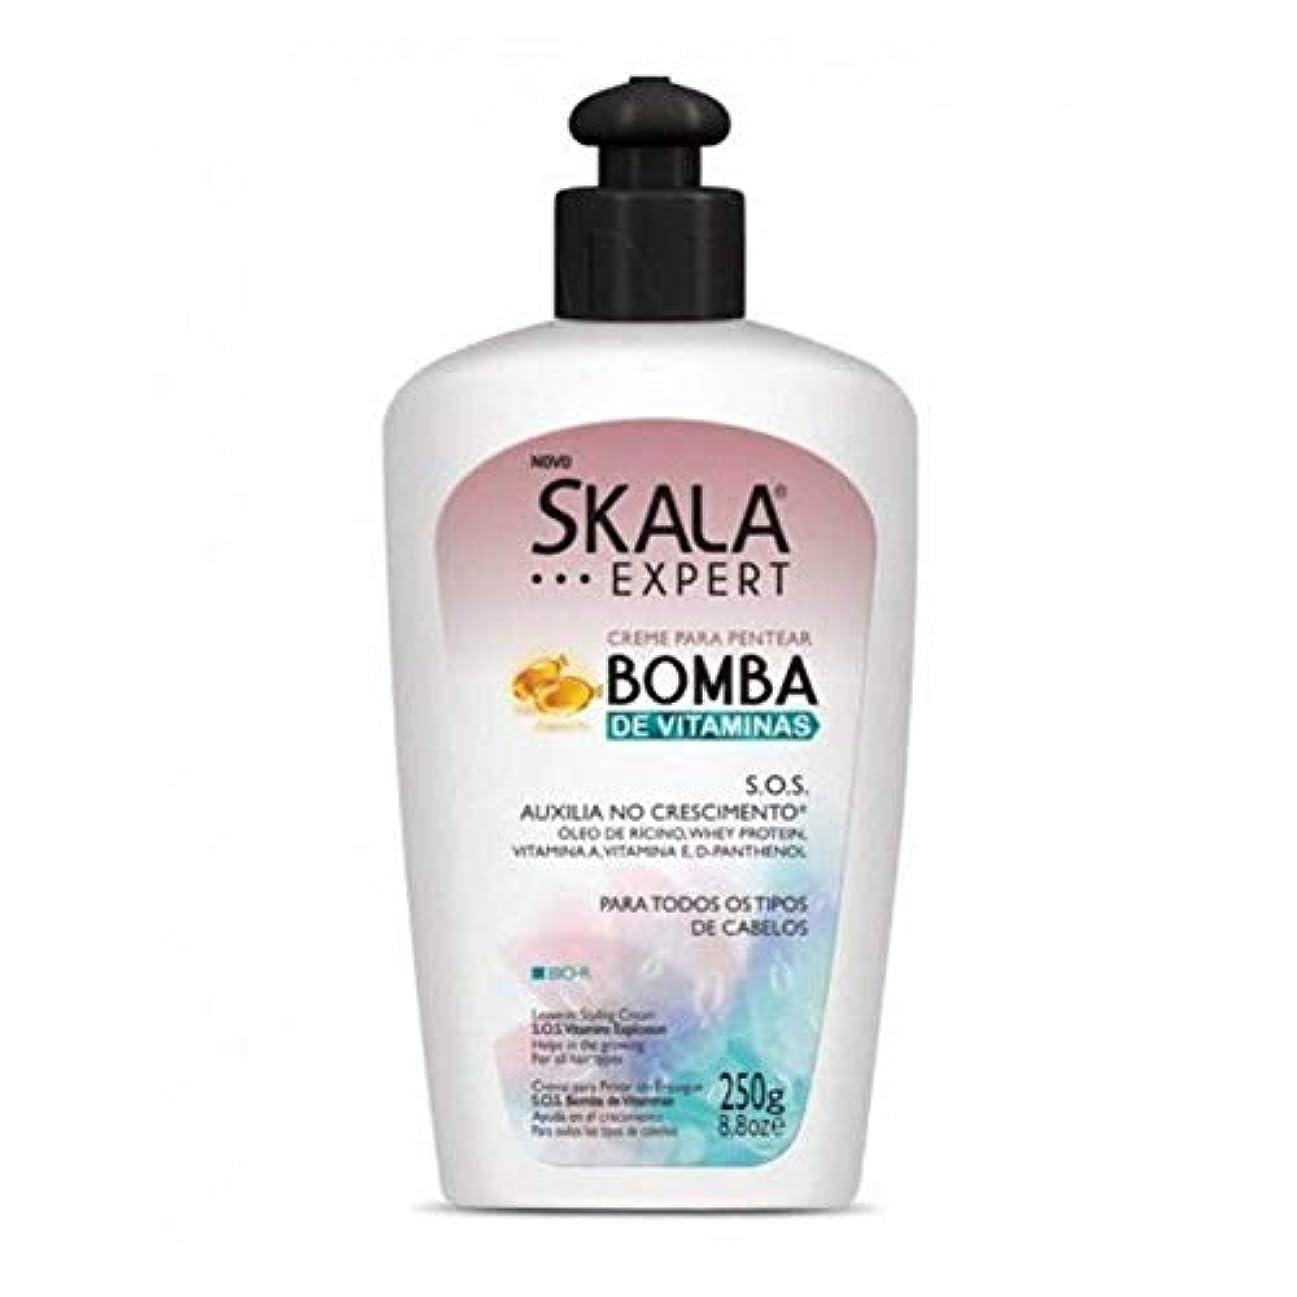 可塑性弾丸の頭の上SKALA EXPERT スカラ エクスパート ビタミン成分配合 スタイリング剤 250g